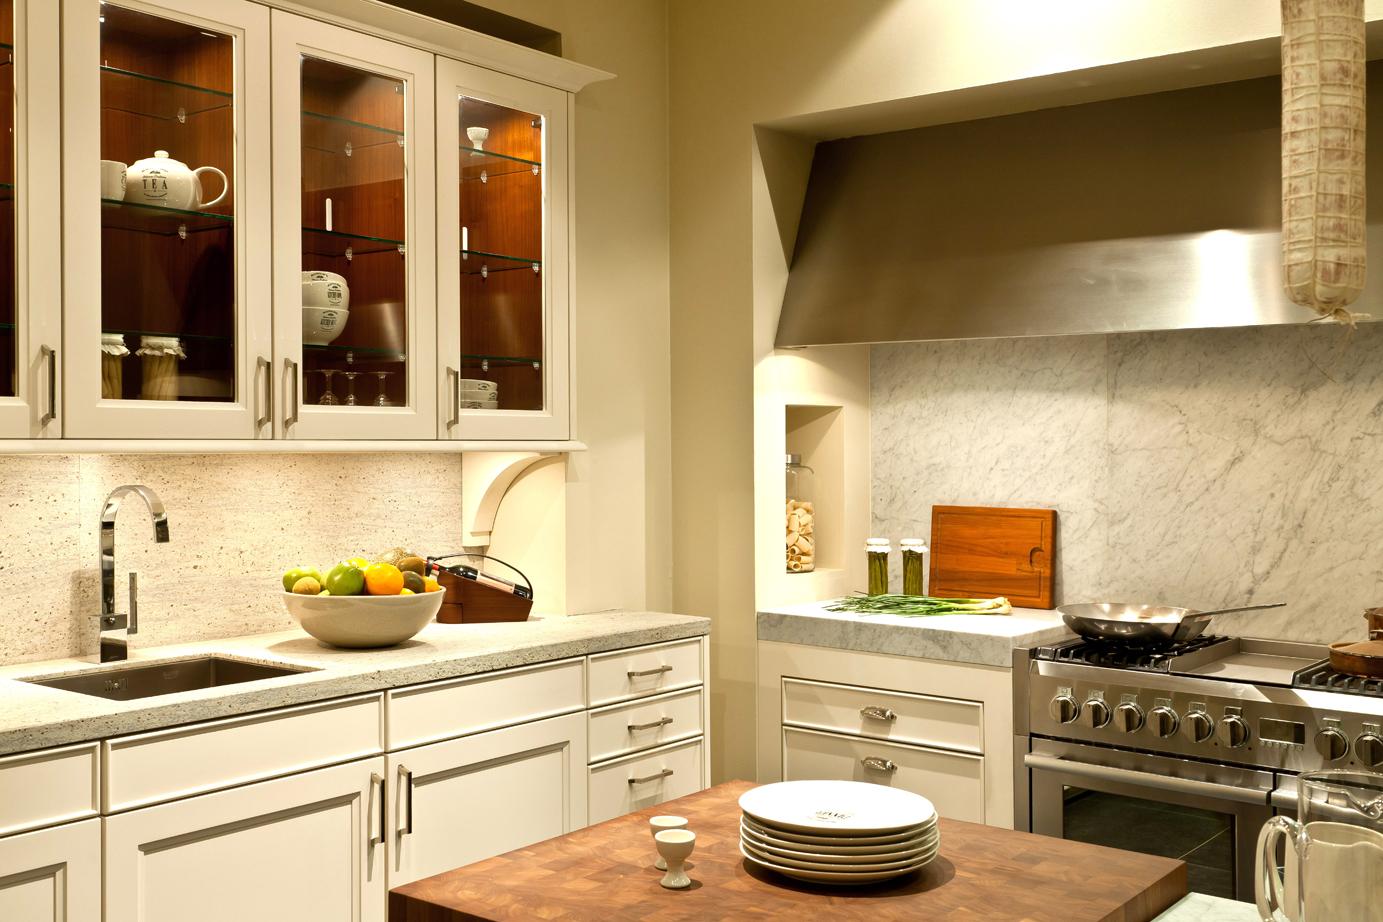 Hoek Keuken Modellen : Siematic hoekkeuken kijk verder dan de standaard db keukens